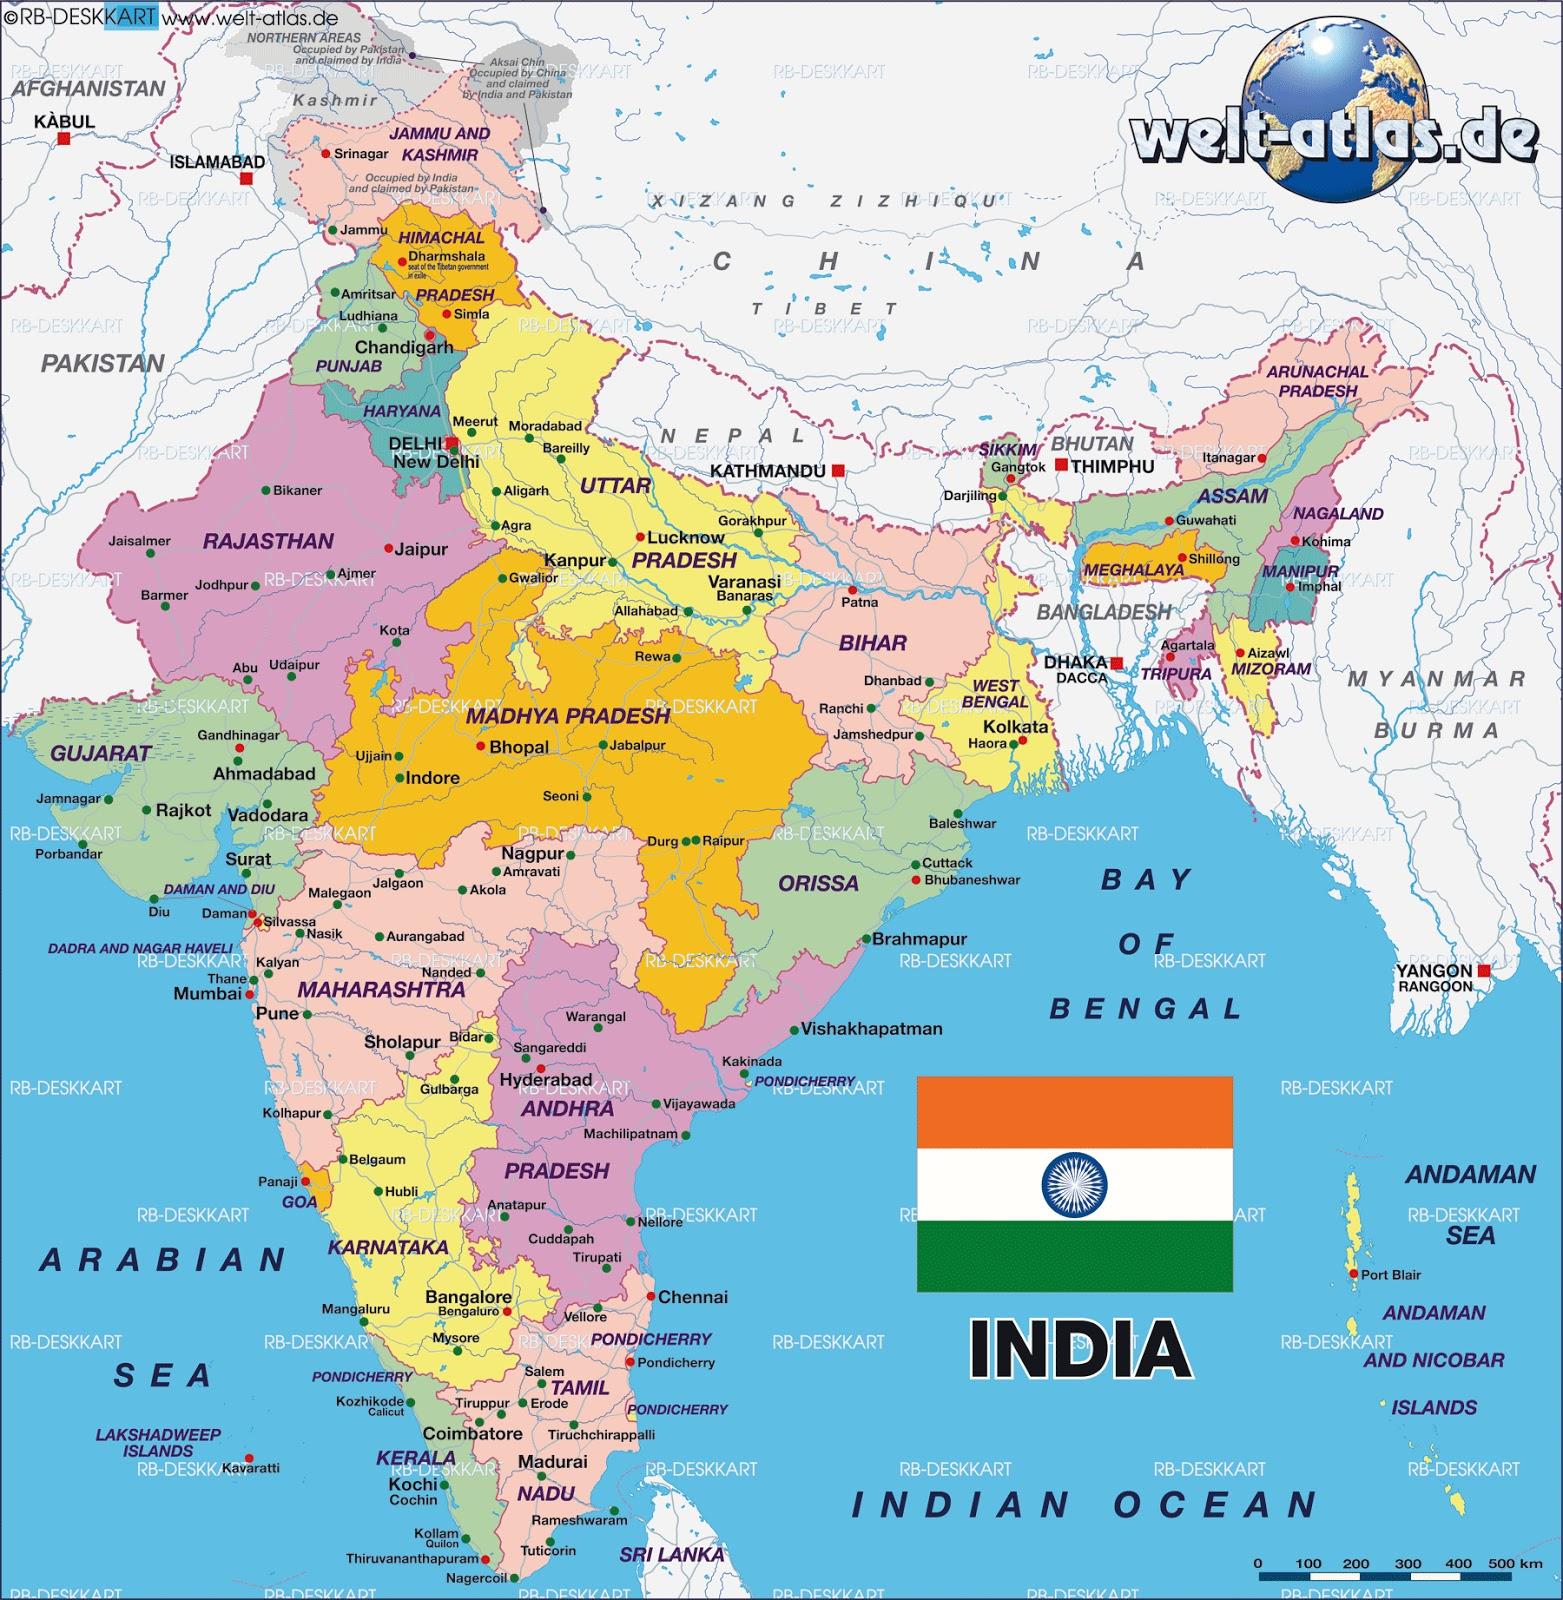 India Politica Cartina.Marco Carnovale 2010